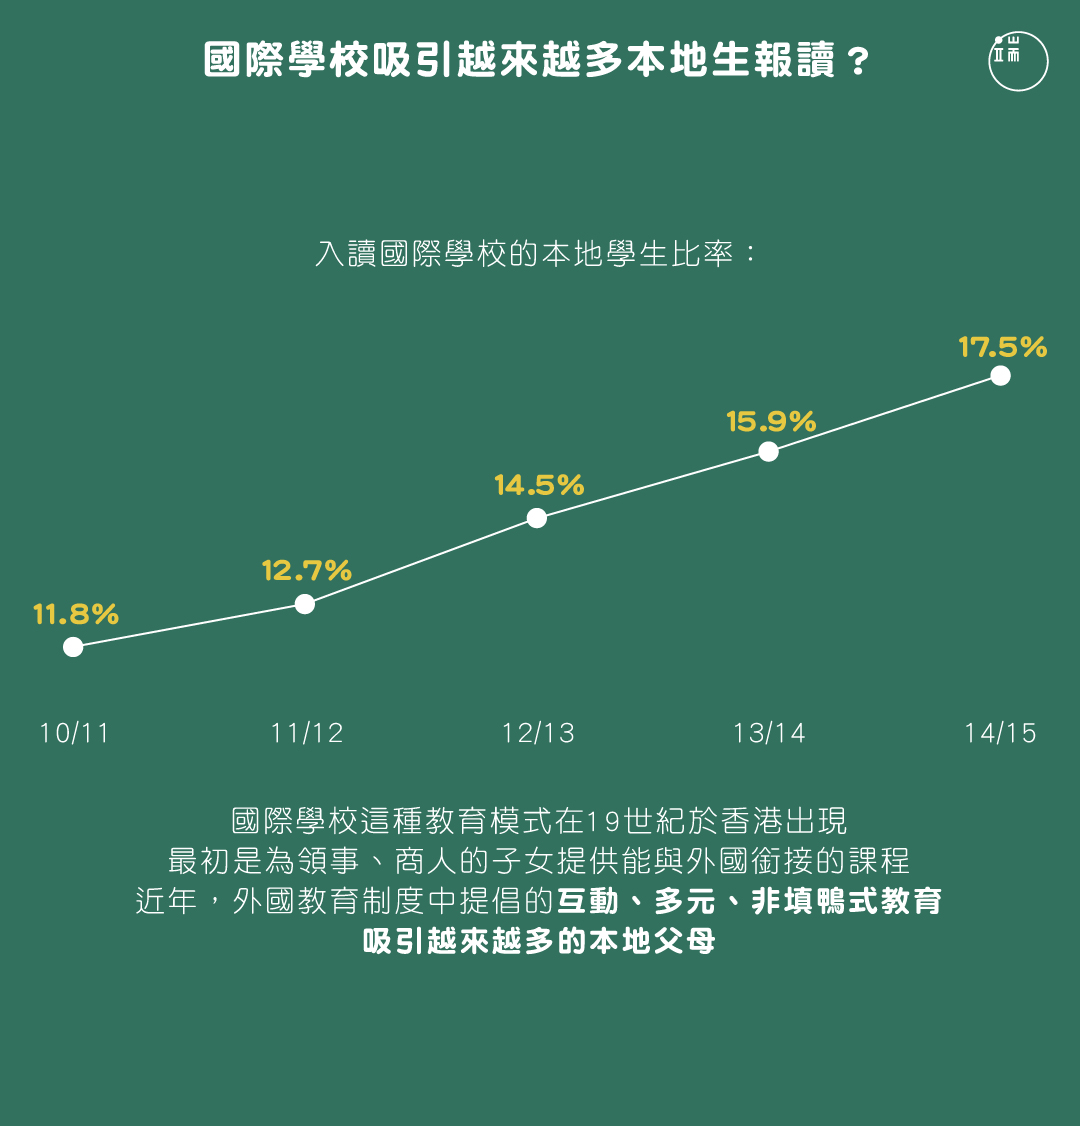 國際學校吸引越來越多本地生報讀?圖:端傳媒設計部